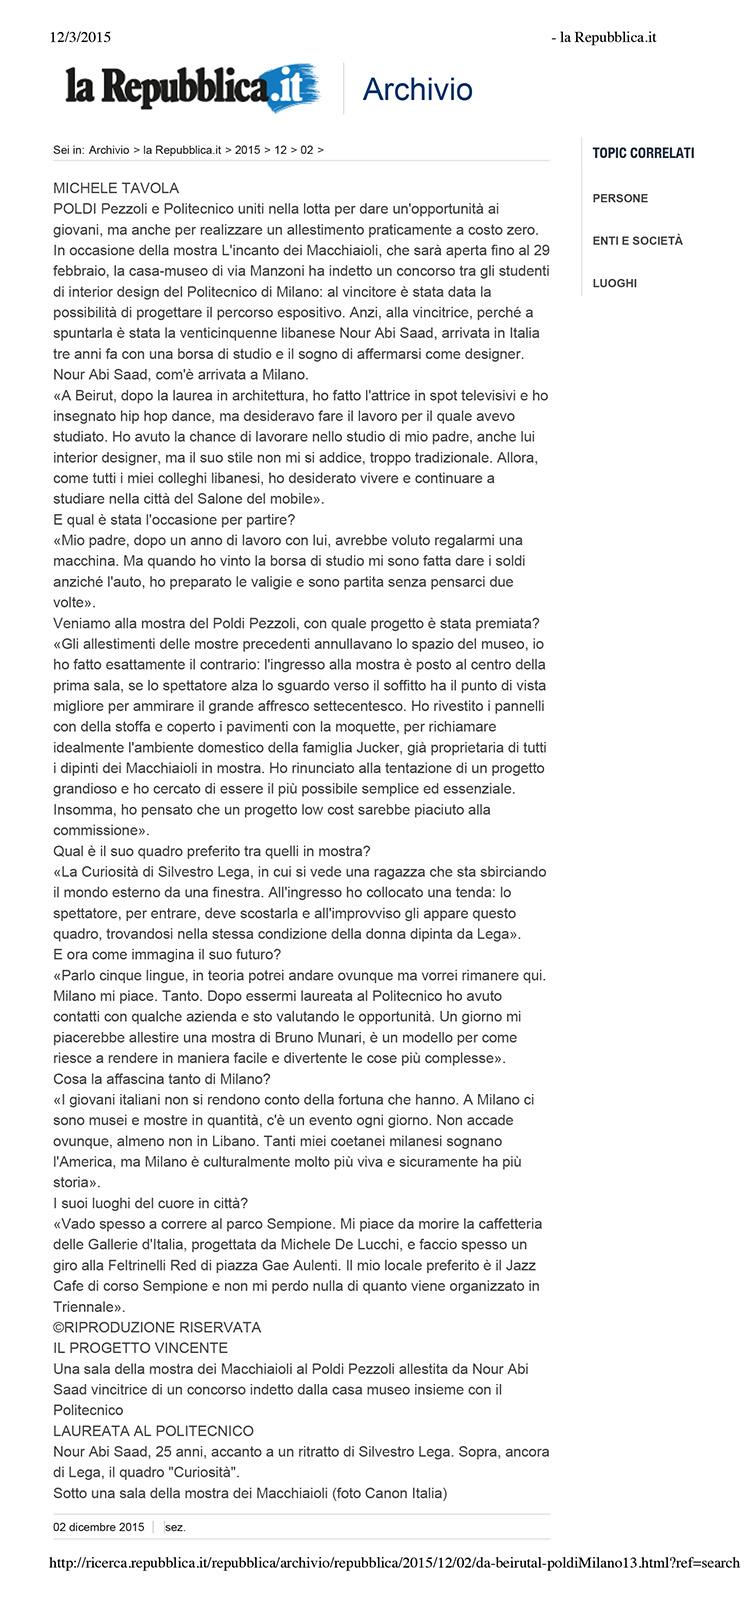 - la Repubblica-1.jpg